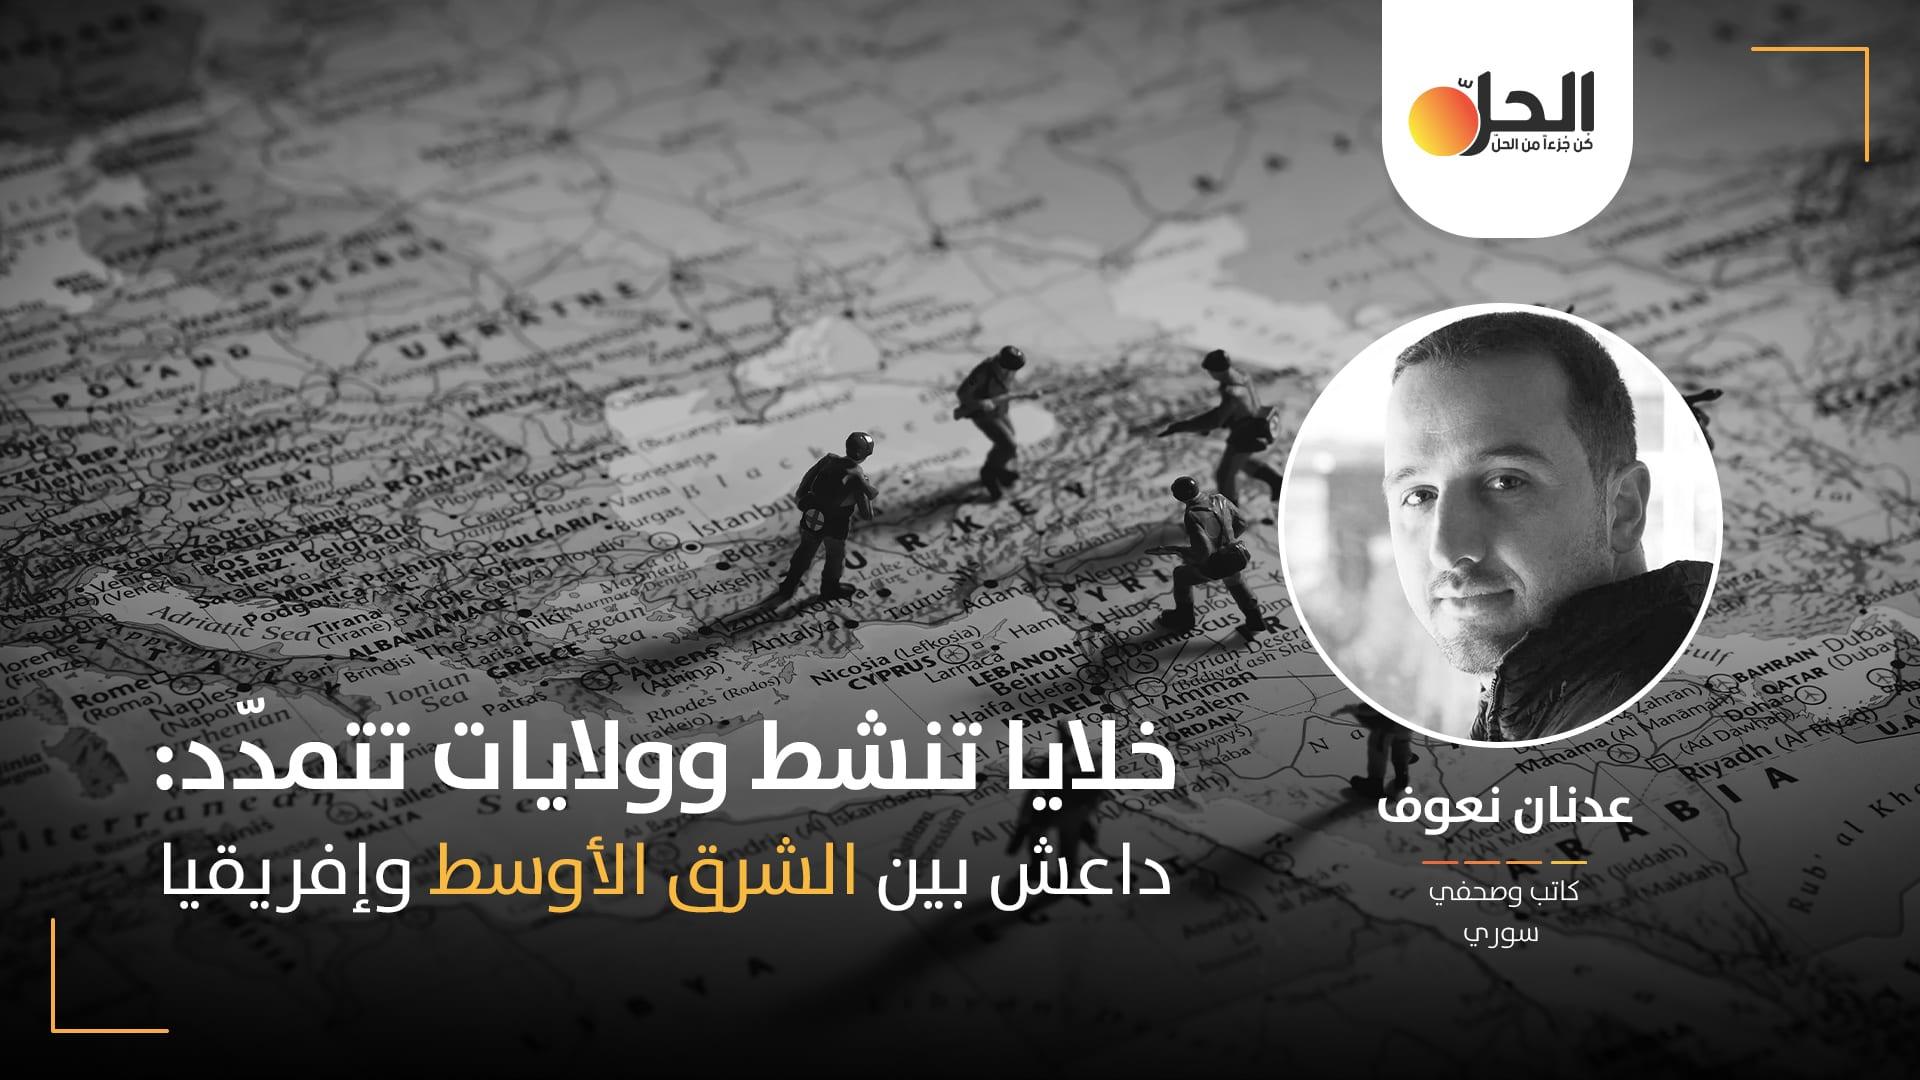 """""""عائدة وتتمدد"""": أساليب تنظيمية جديدة لداعش في إفريقيا والشرق الأوسط"""